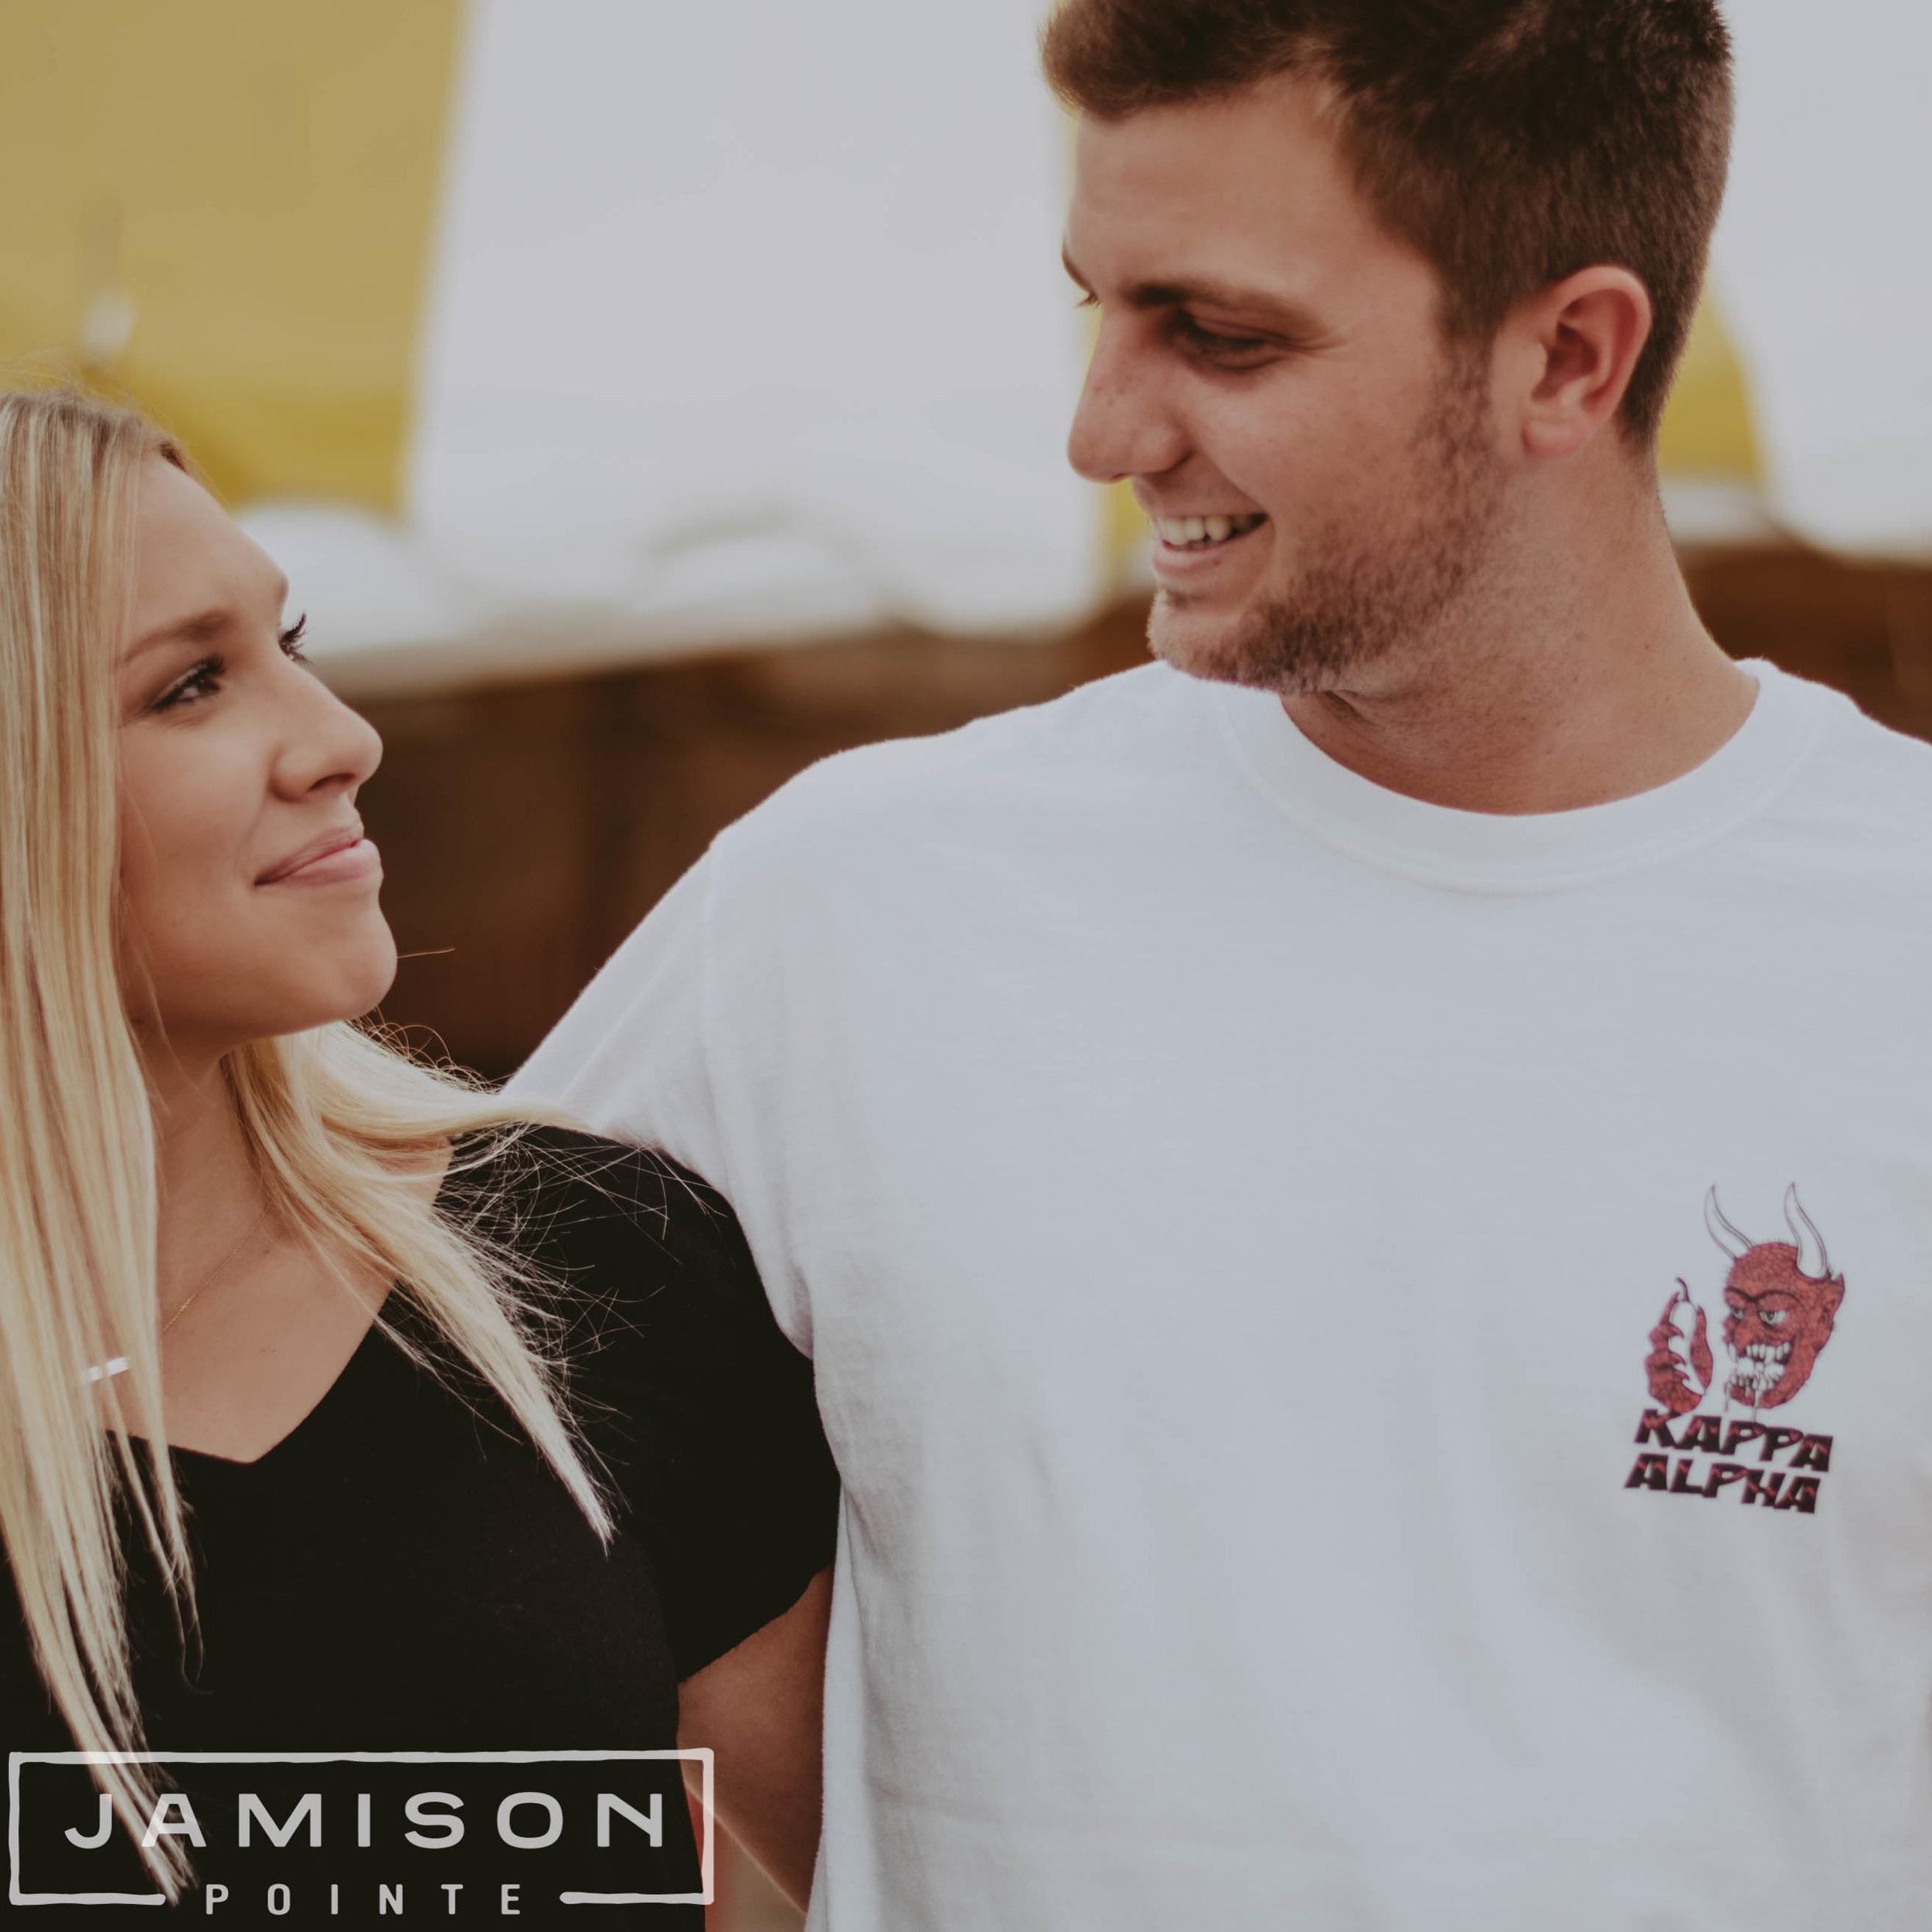 Kappa Alpha Philanthropy Tshirt